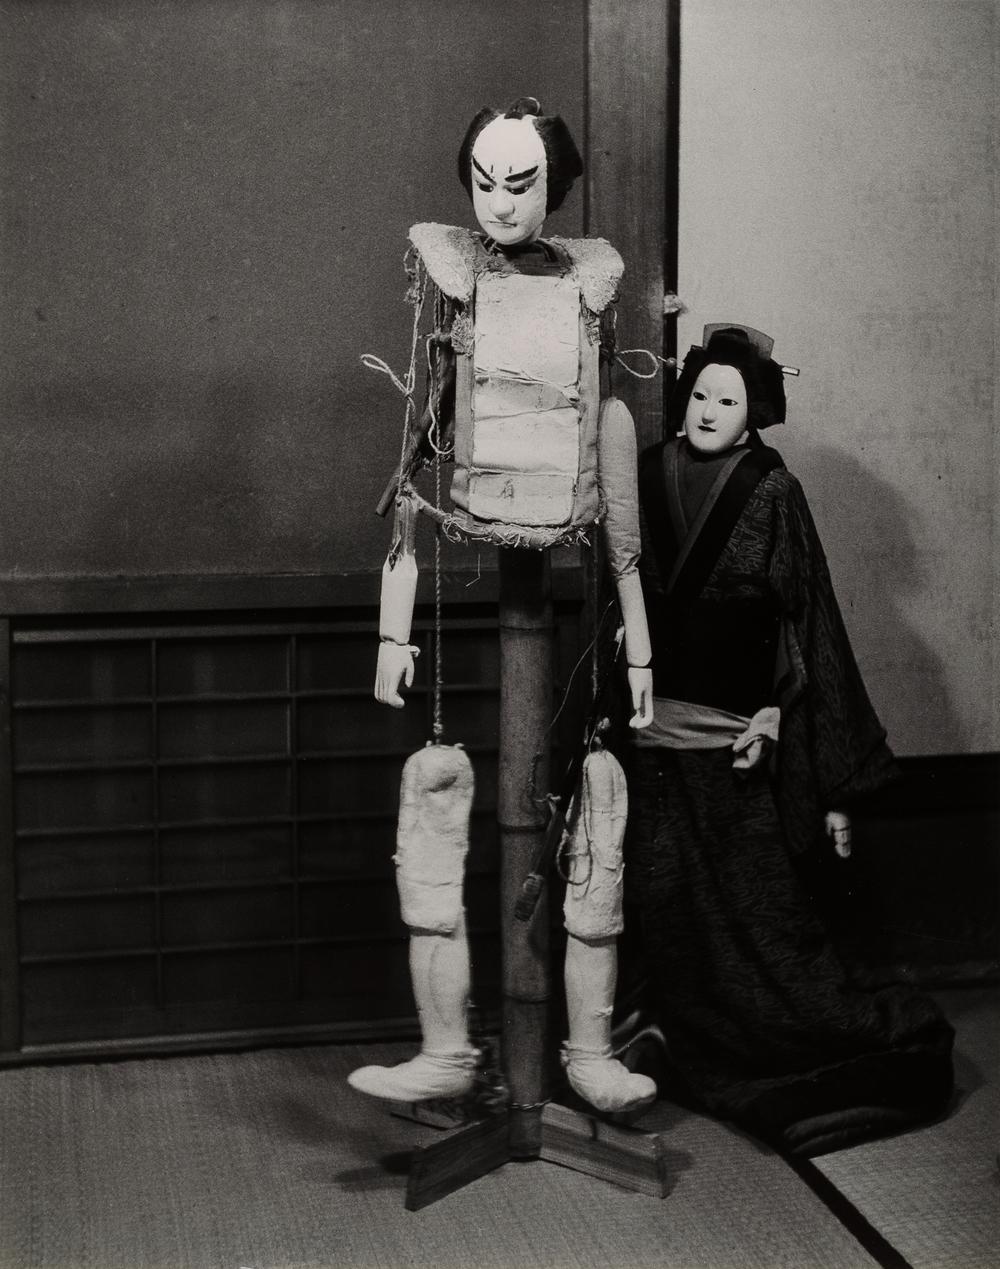 Irie Taikichi, Aus der Folge Bunraku Theater, Osaka, 1941, Silbergelatineabzug, 49,6 x 39,2 cm, © Irie Taikichi Memorial Museum